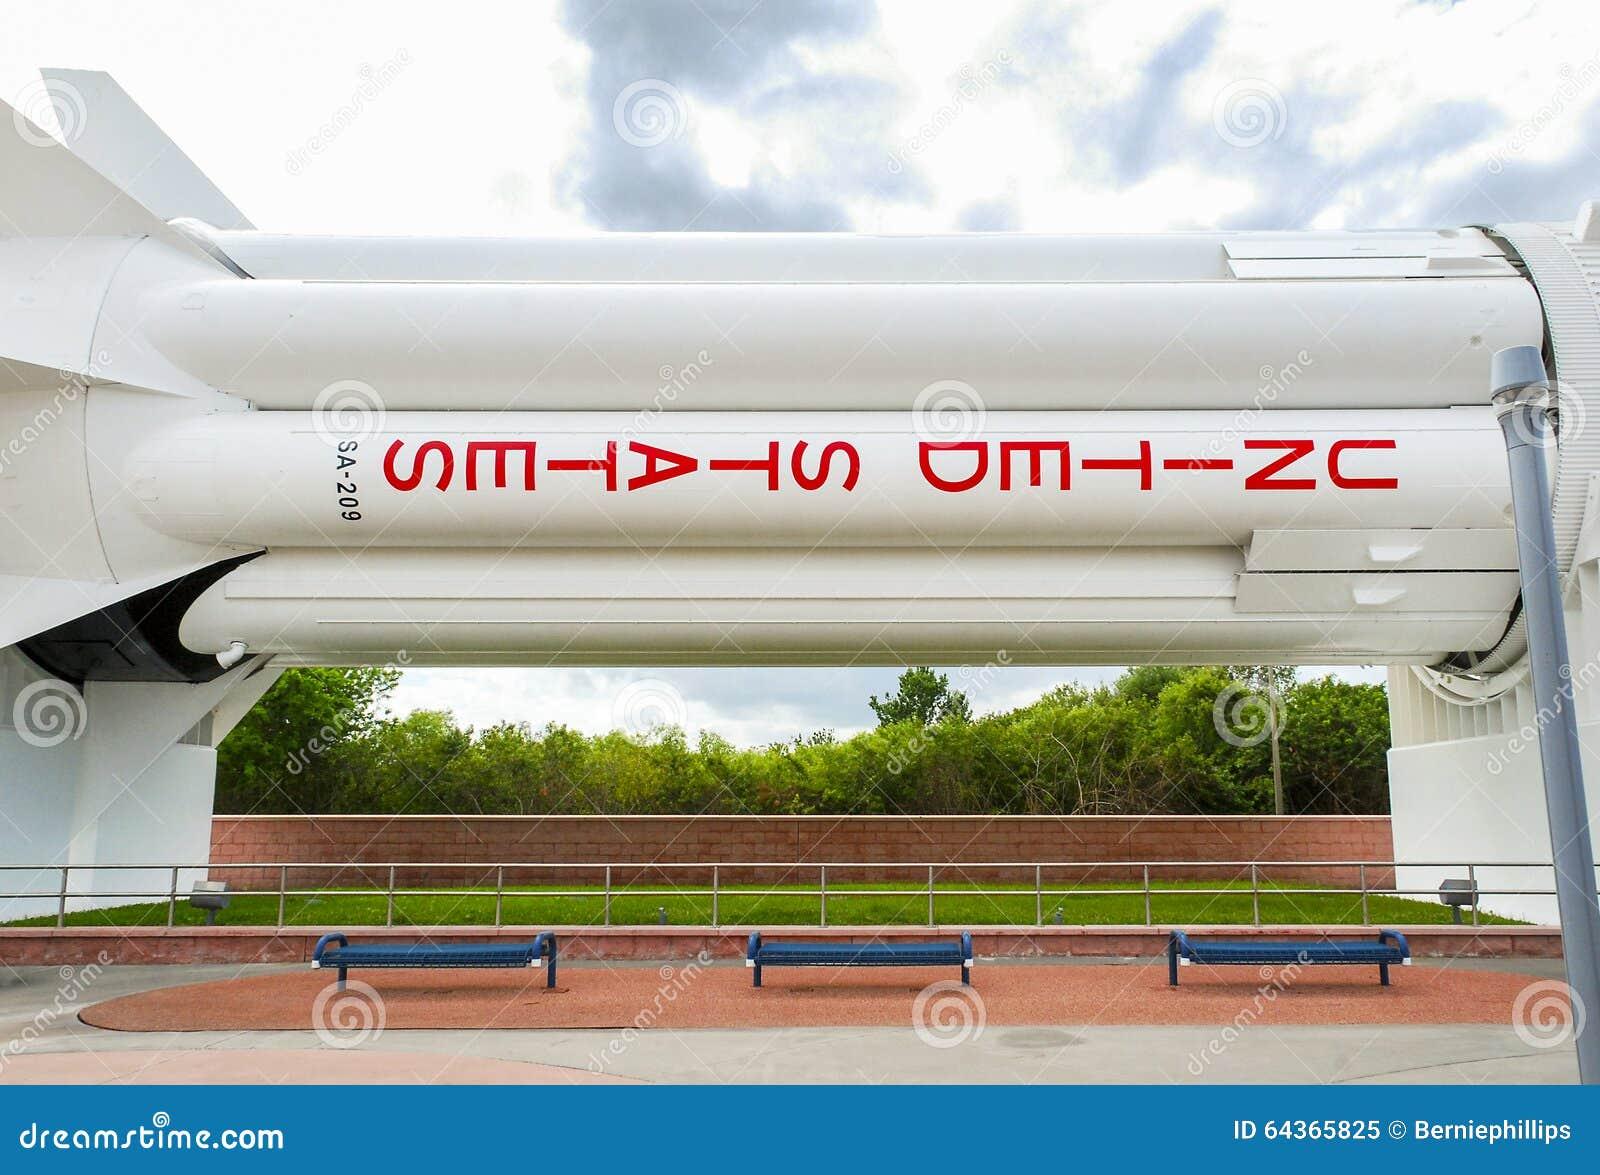 美国航空航天局土星IB火箭队